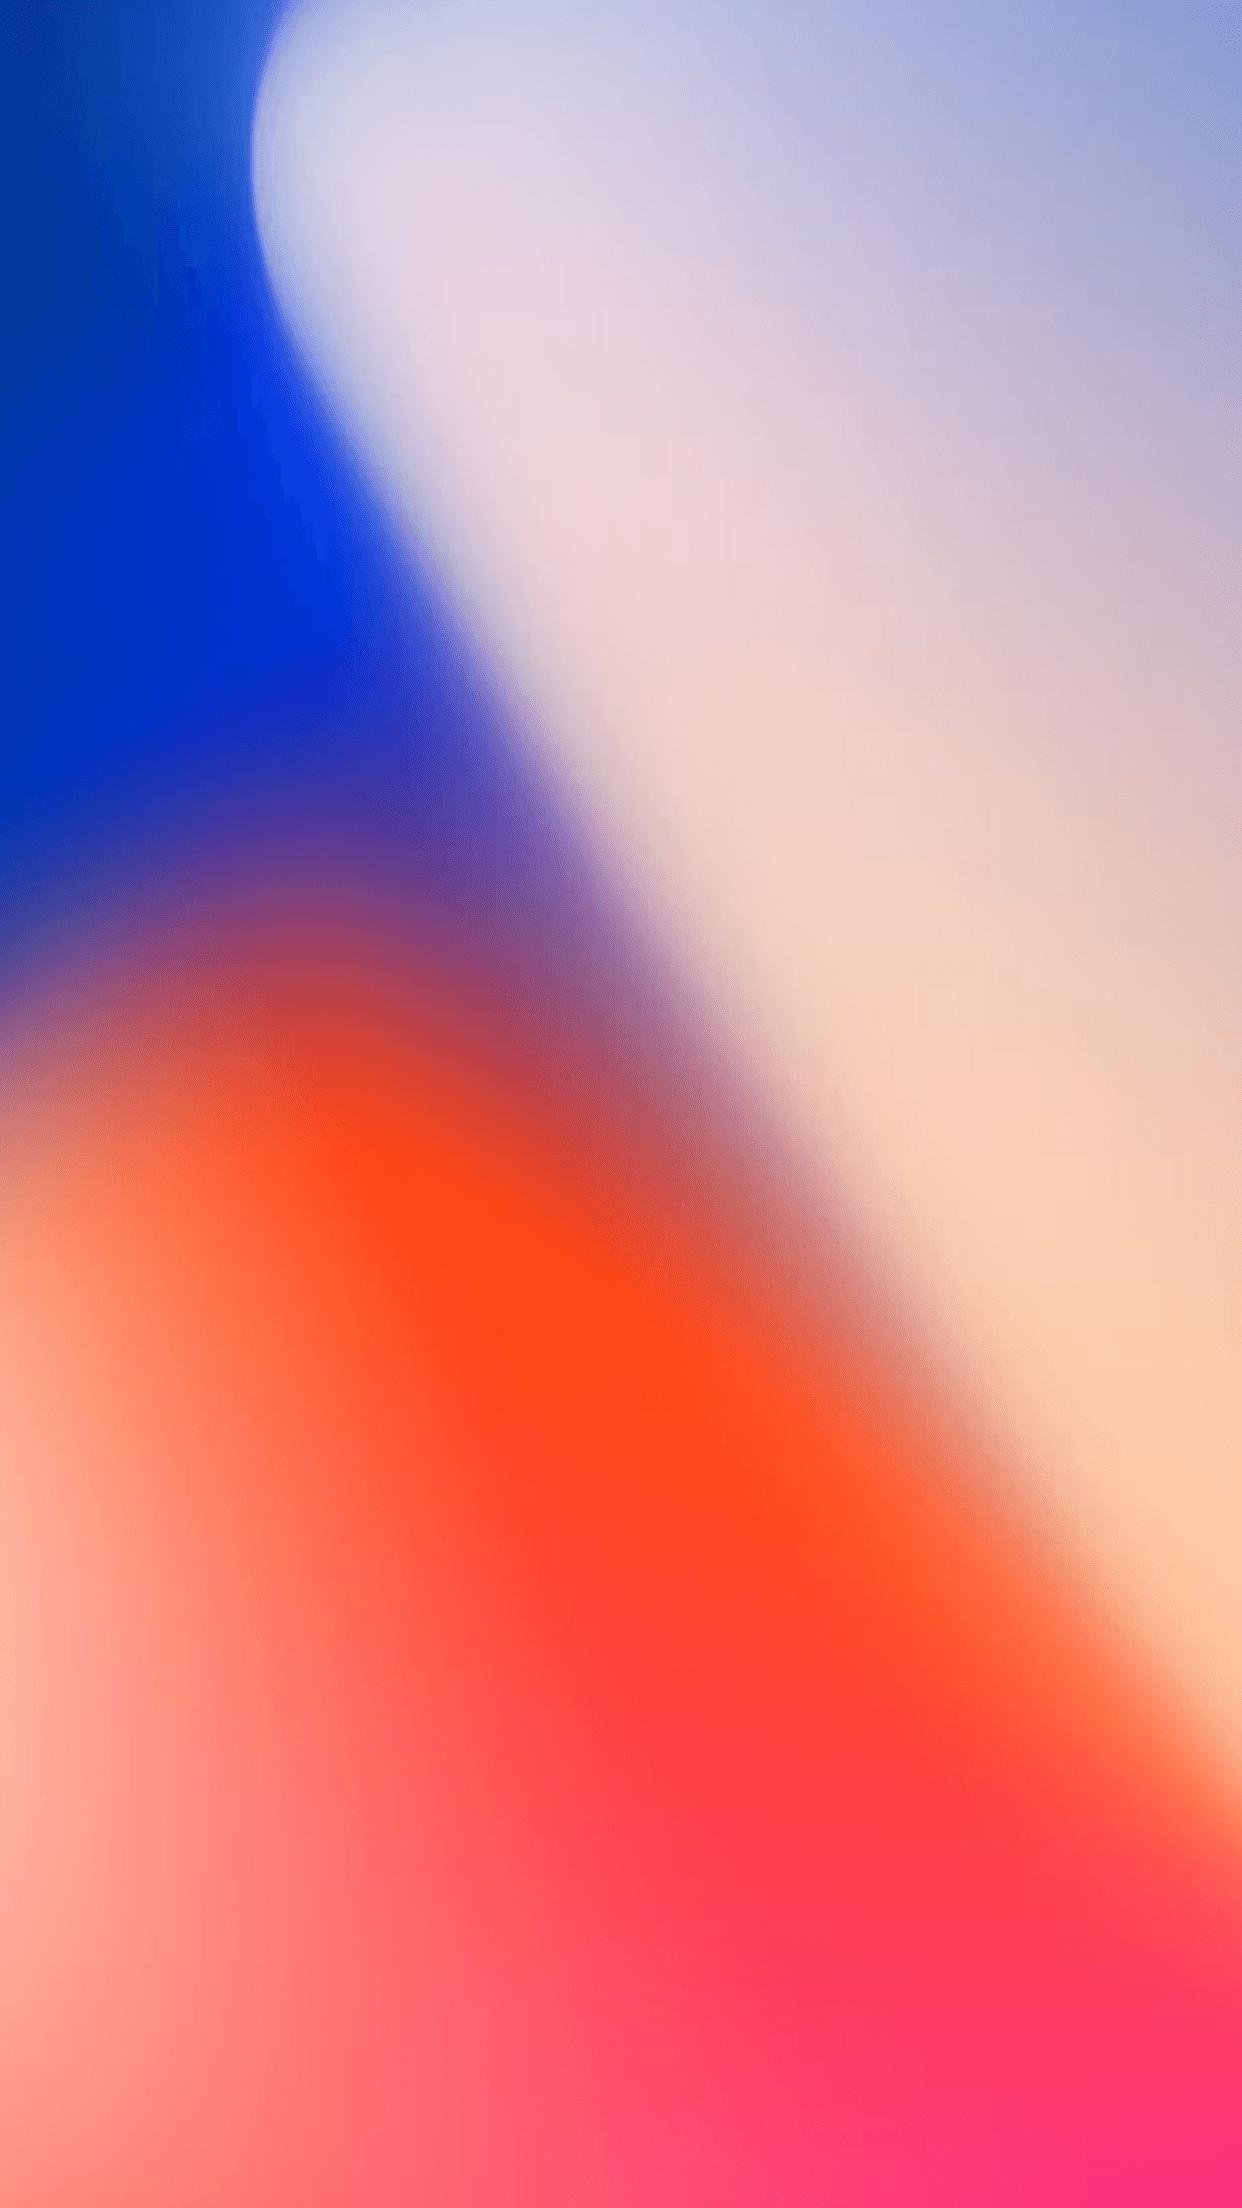 Download 700 Wallpaper Iphone Ori Gambar Gratis Terbaik